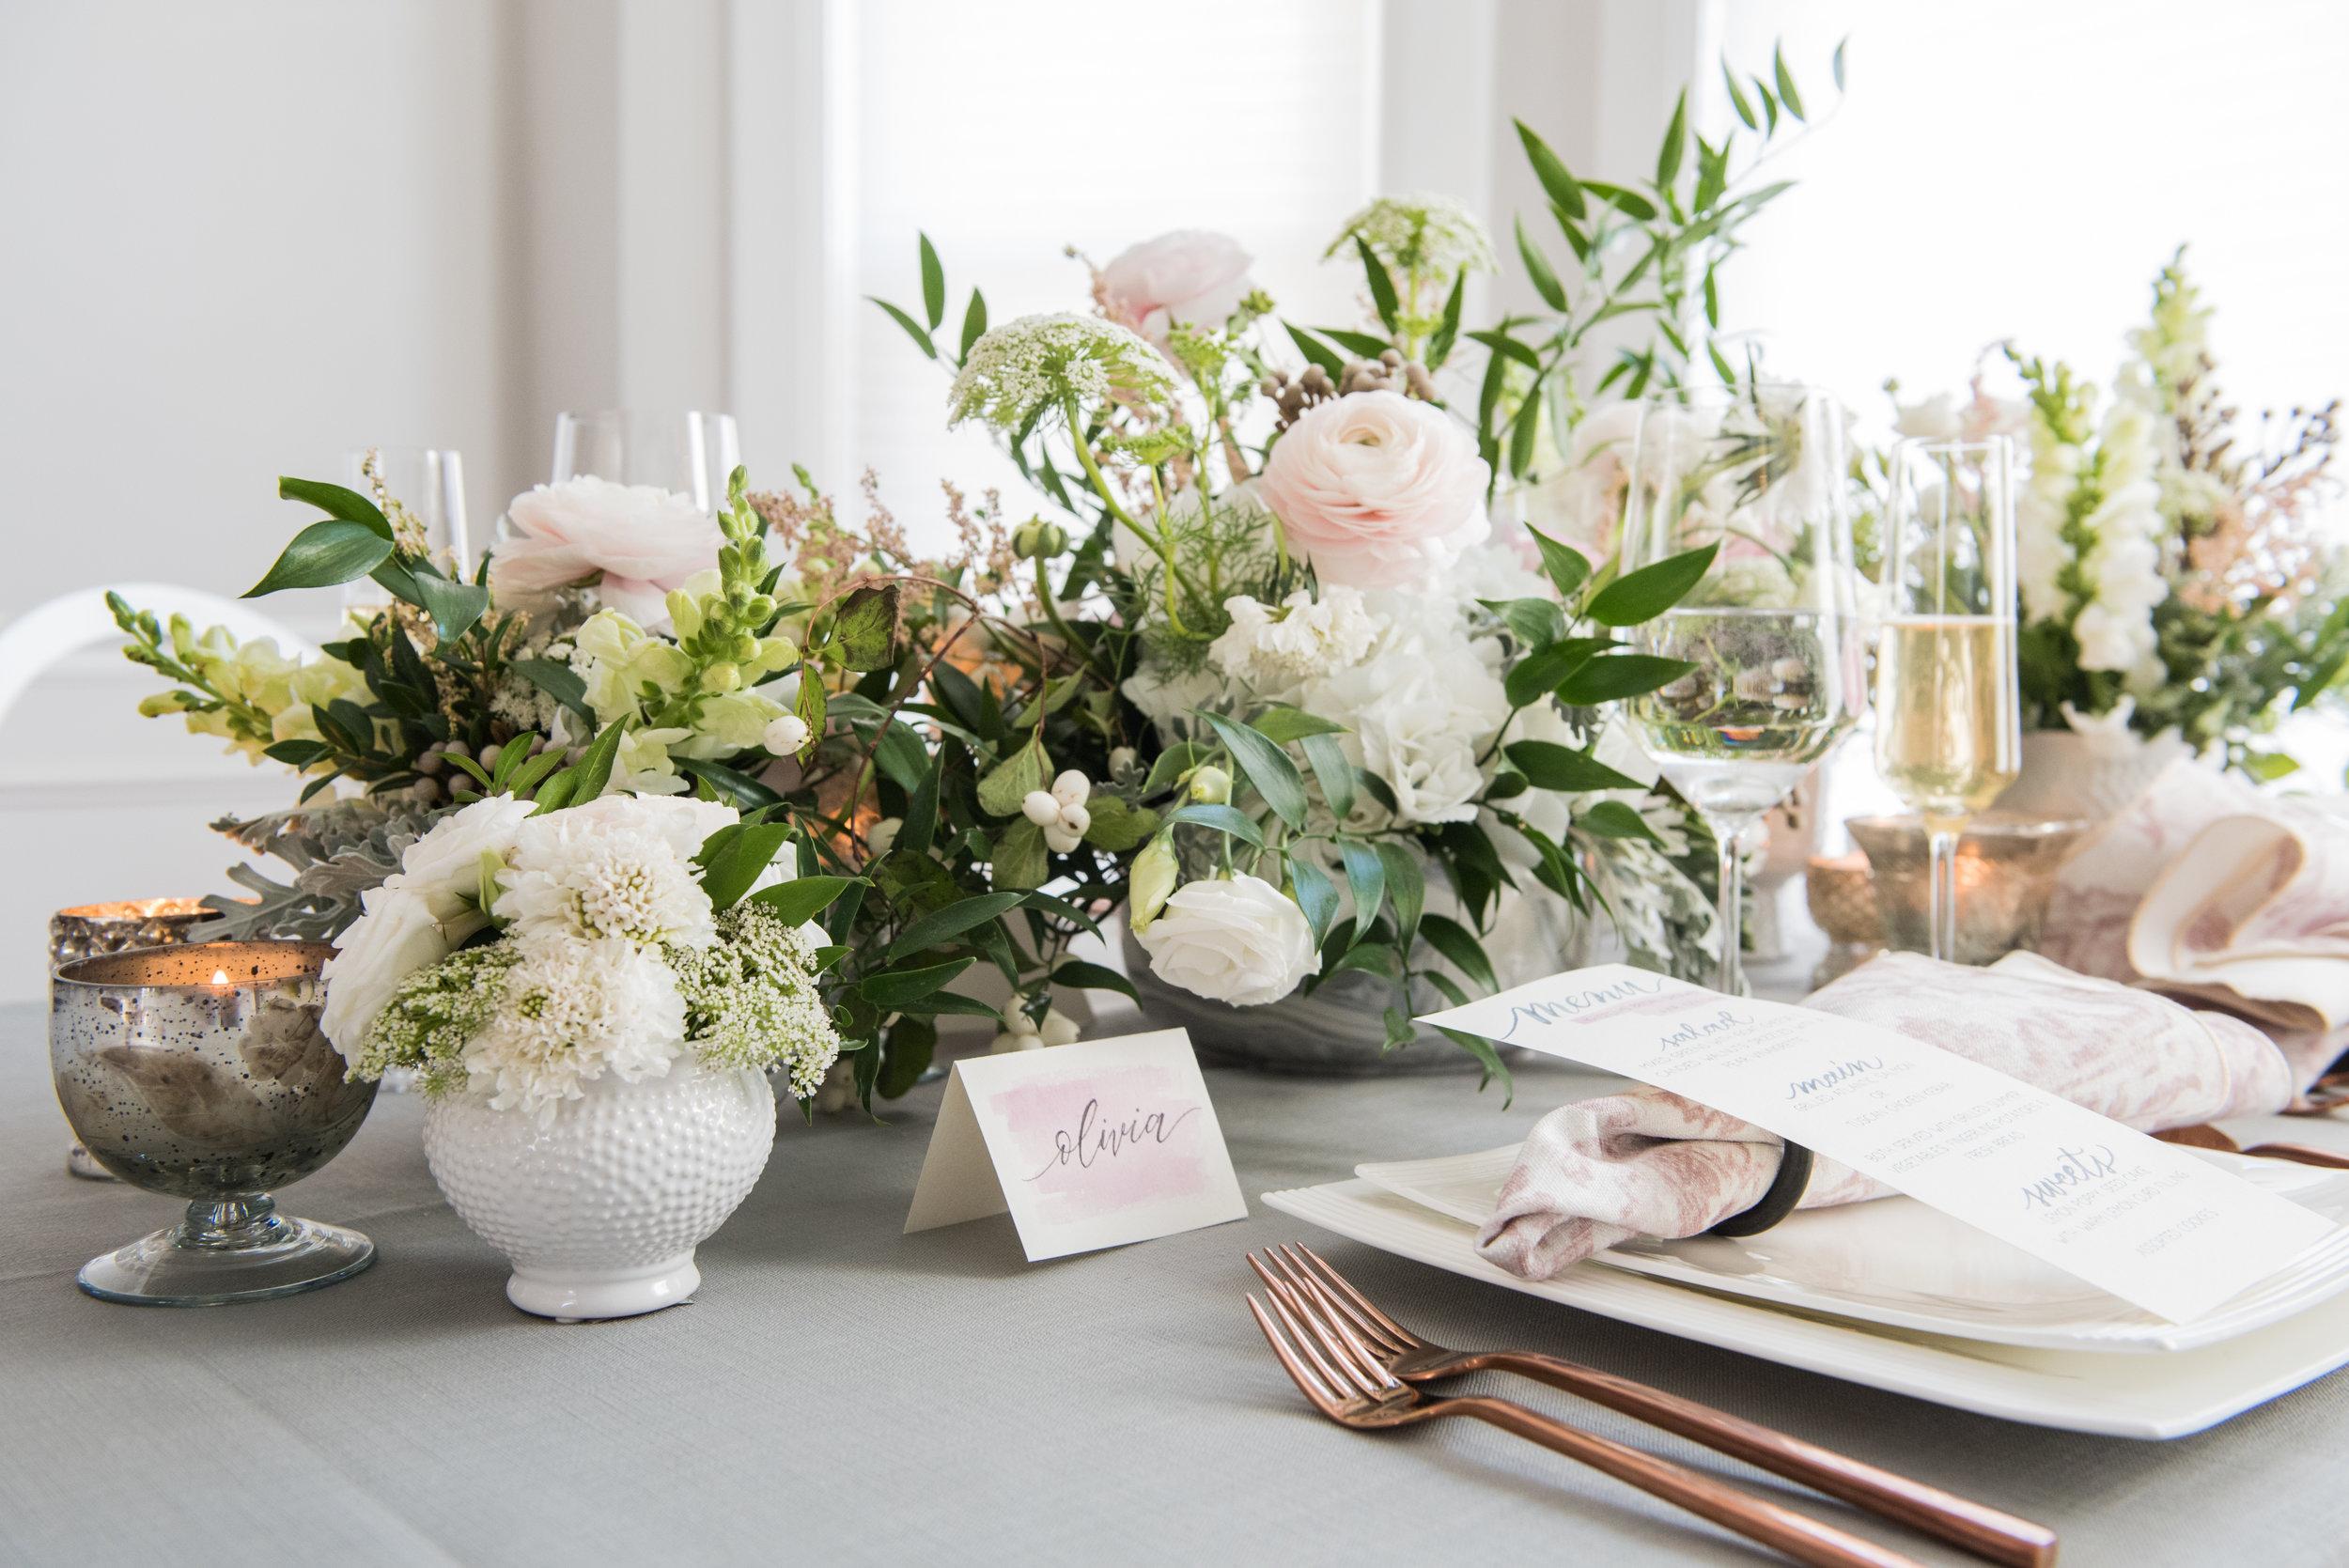 Clover Events-Chicago Wedding Planner-Chicago Wedding Coordinator-Day-of Coordinator-Bridal Shower-Summer Wedding